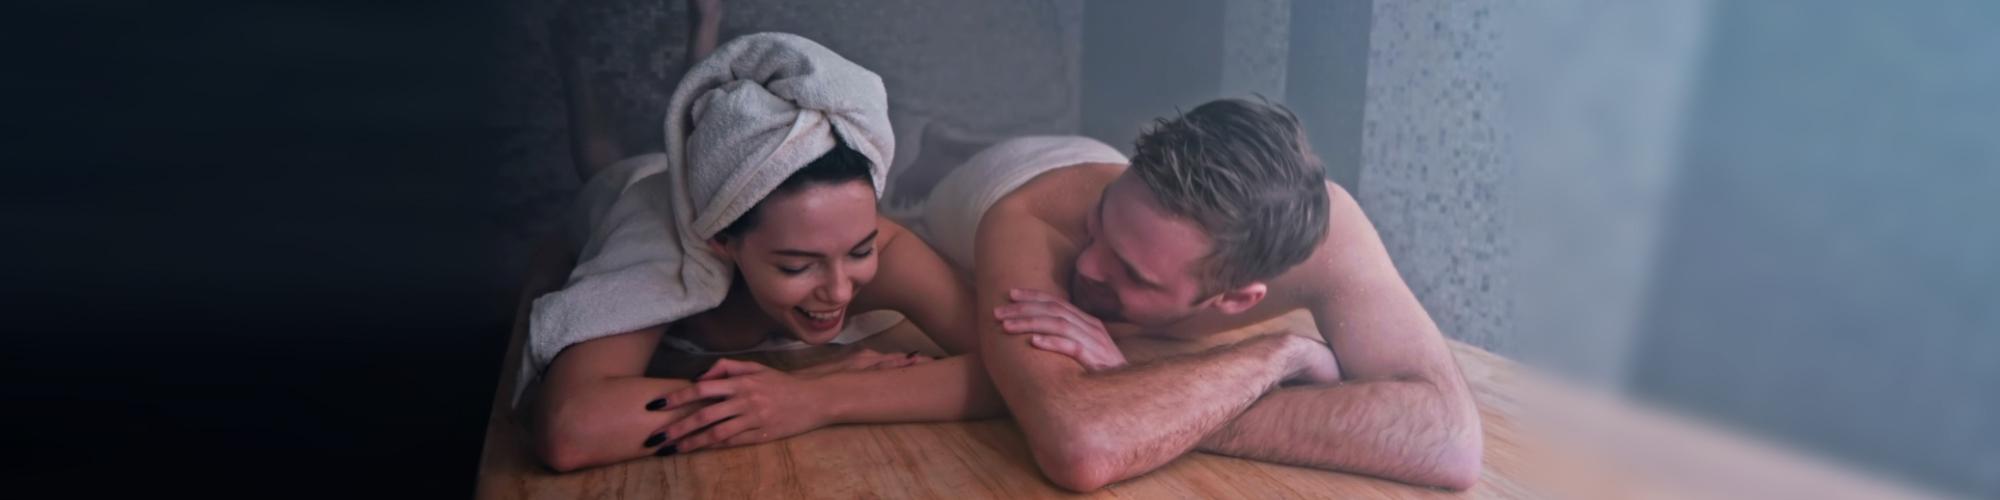 Dit gebeurt er met je lijf in de sauna